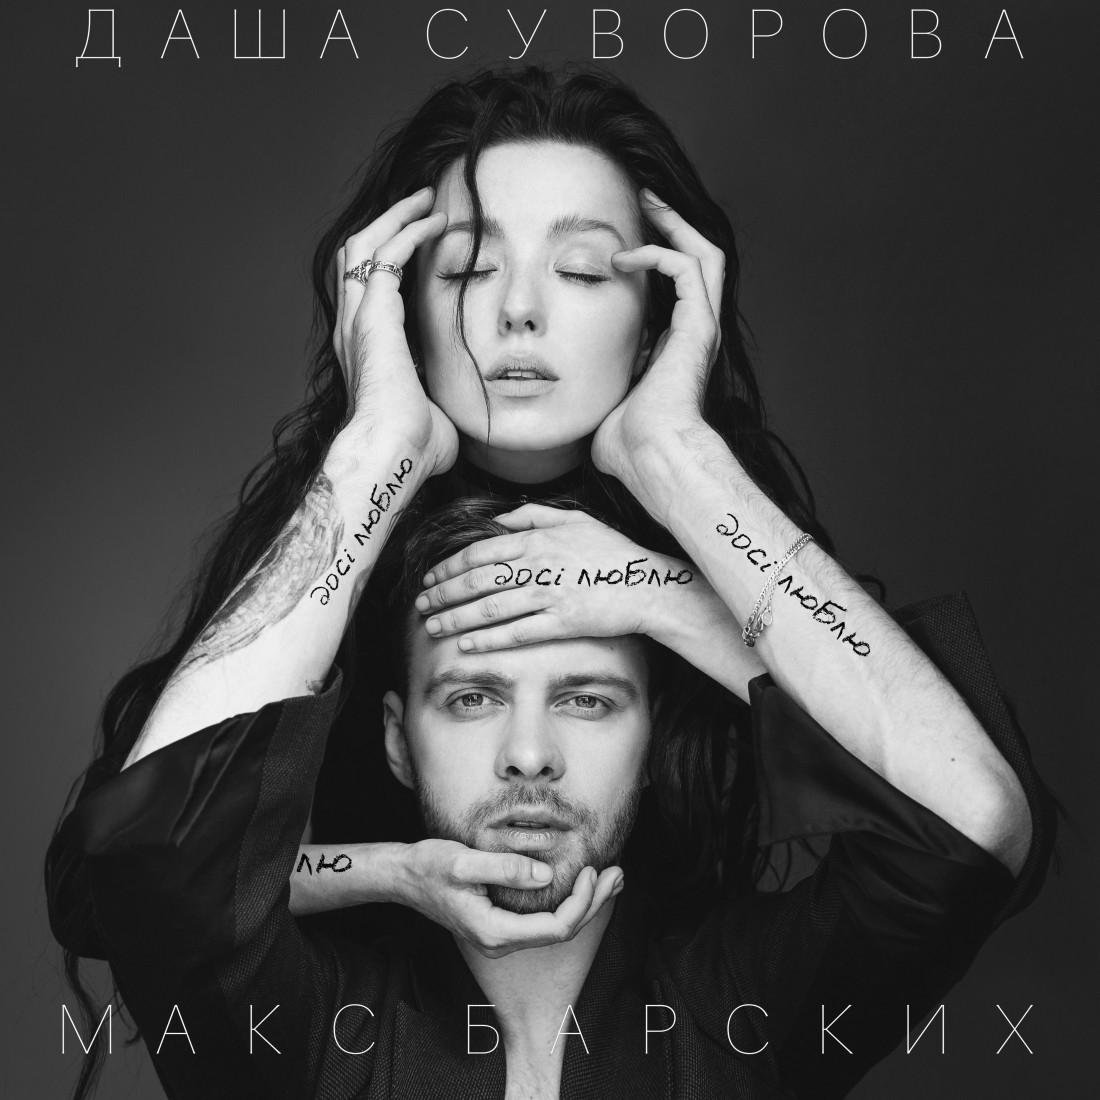 Даша Суворова и Макс Барских записали песню на украинском языке